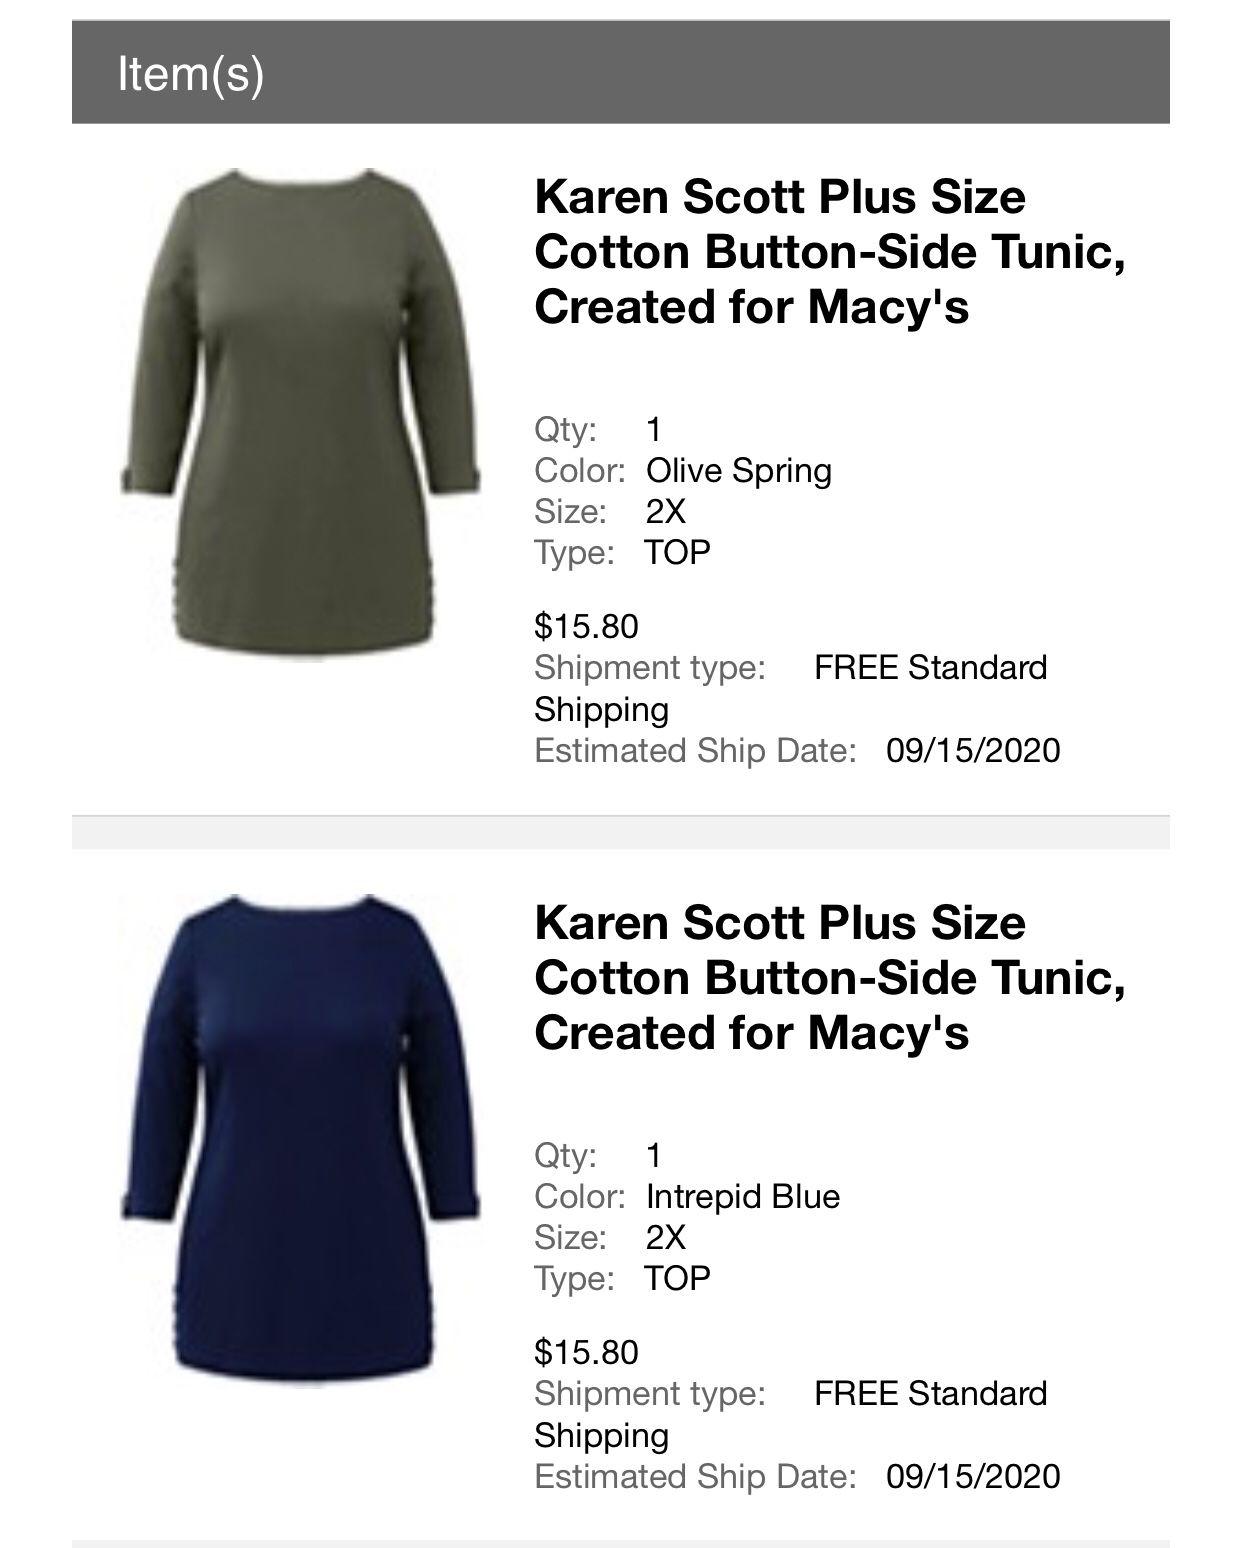 Karen Scott Plus Size Tunic 2X